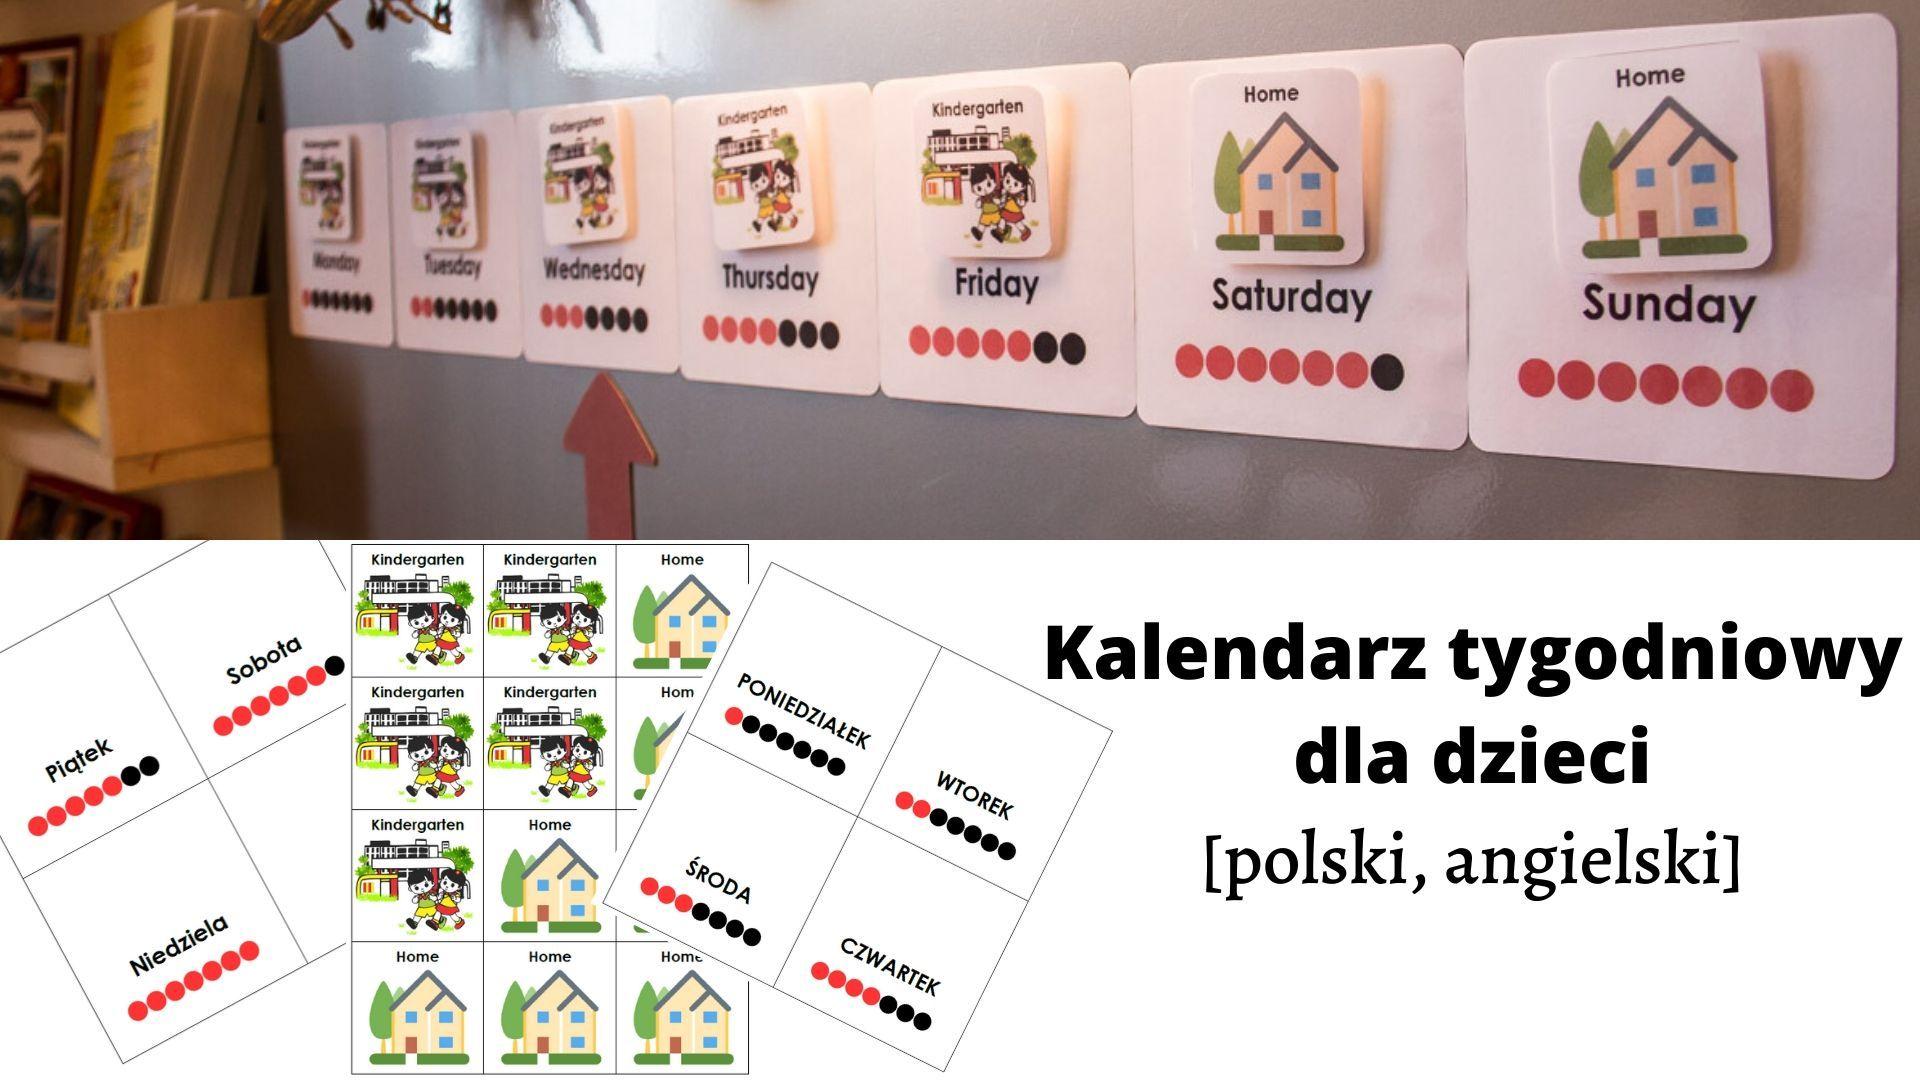 Nazwy dni tygodnia po angielsku i polsku - kalendarz kołowy do pobrania